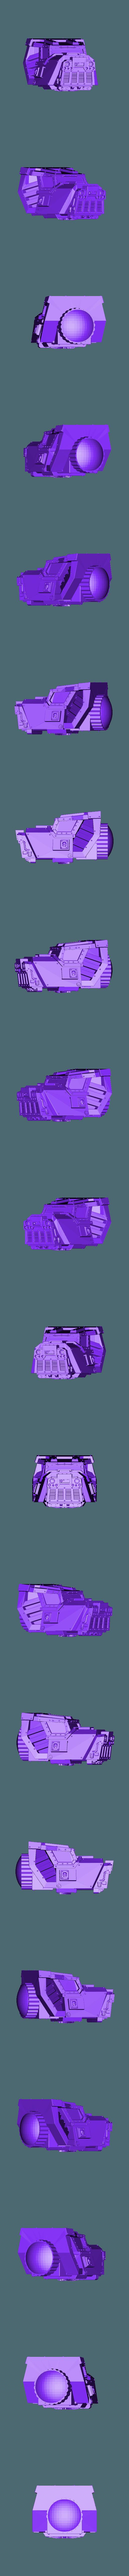 head.STL Télécharger fichier STL gratuit Lucius Wardog Titan • Plan pour imprimante 3D, jimsbeanz